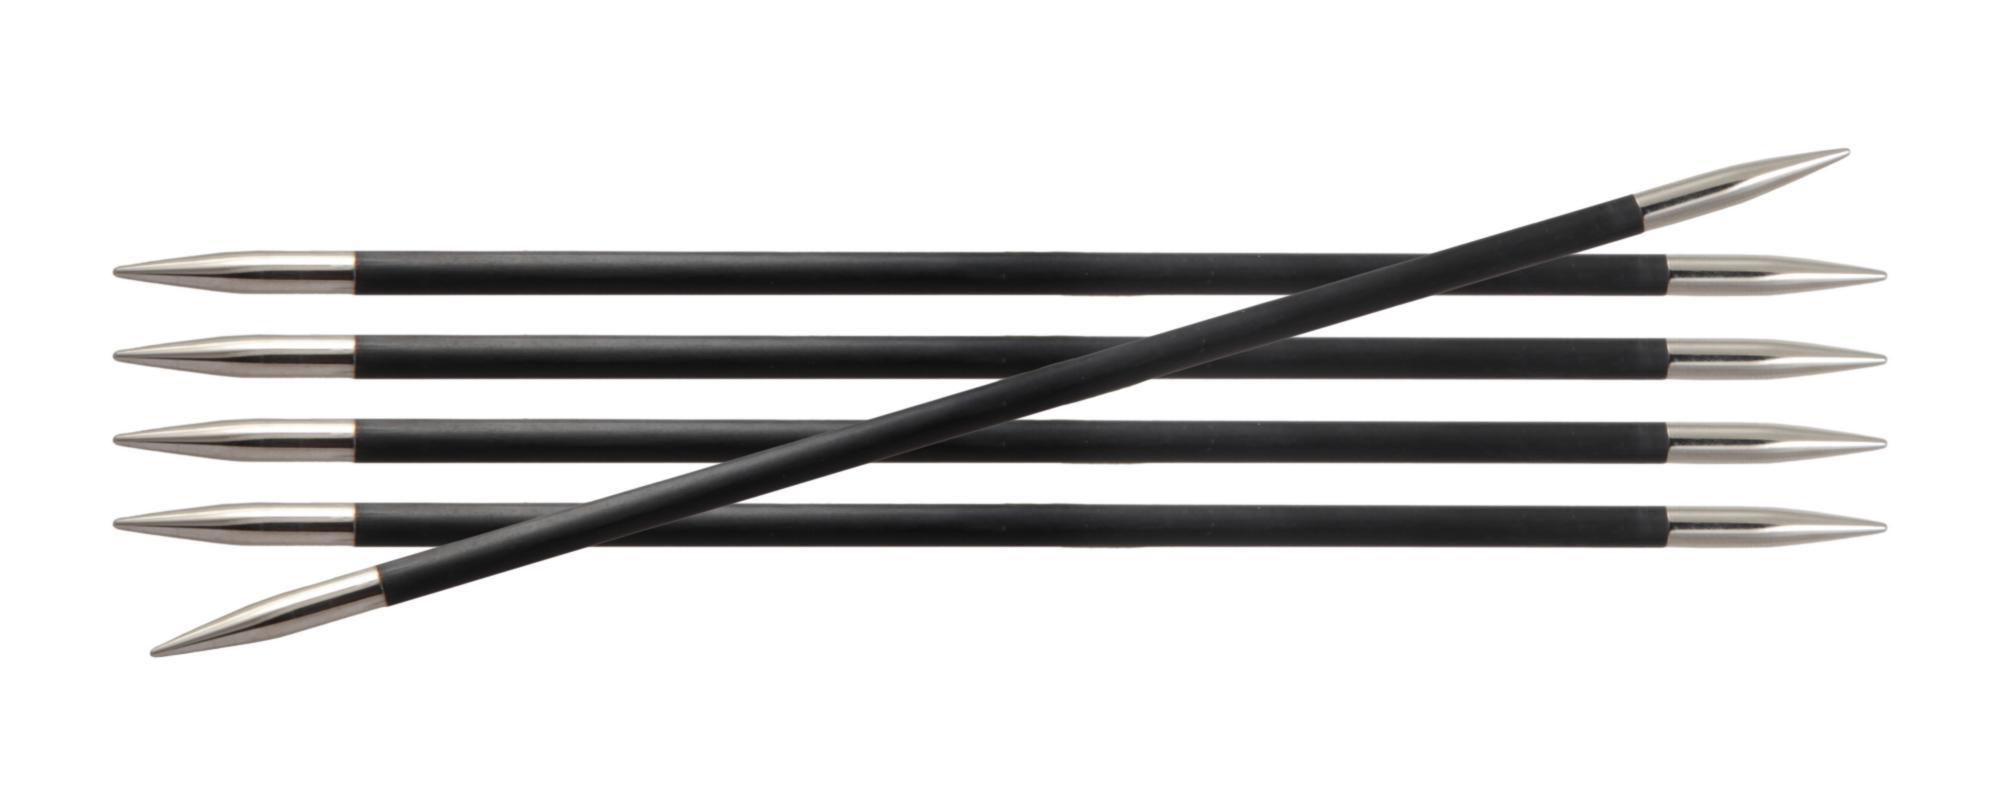 Спицы носочные 20 см Karbonz KnitPro, 41122, 1.50 мм